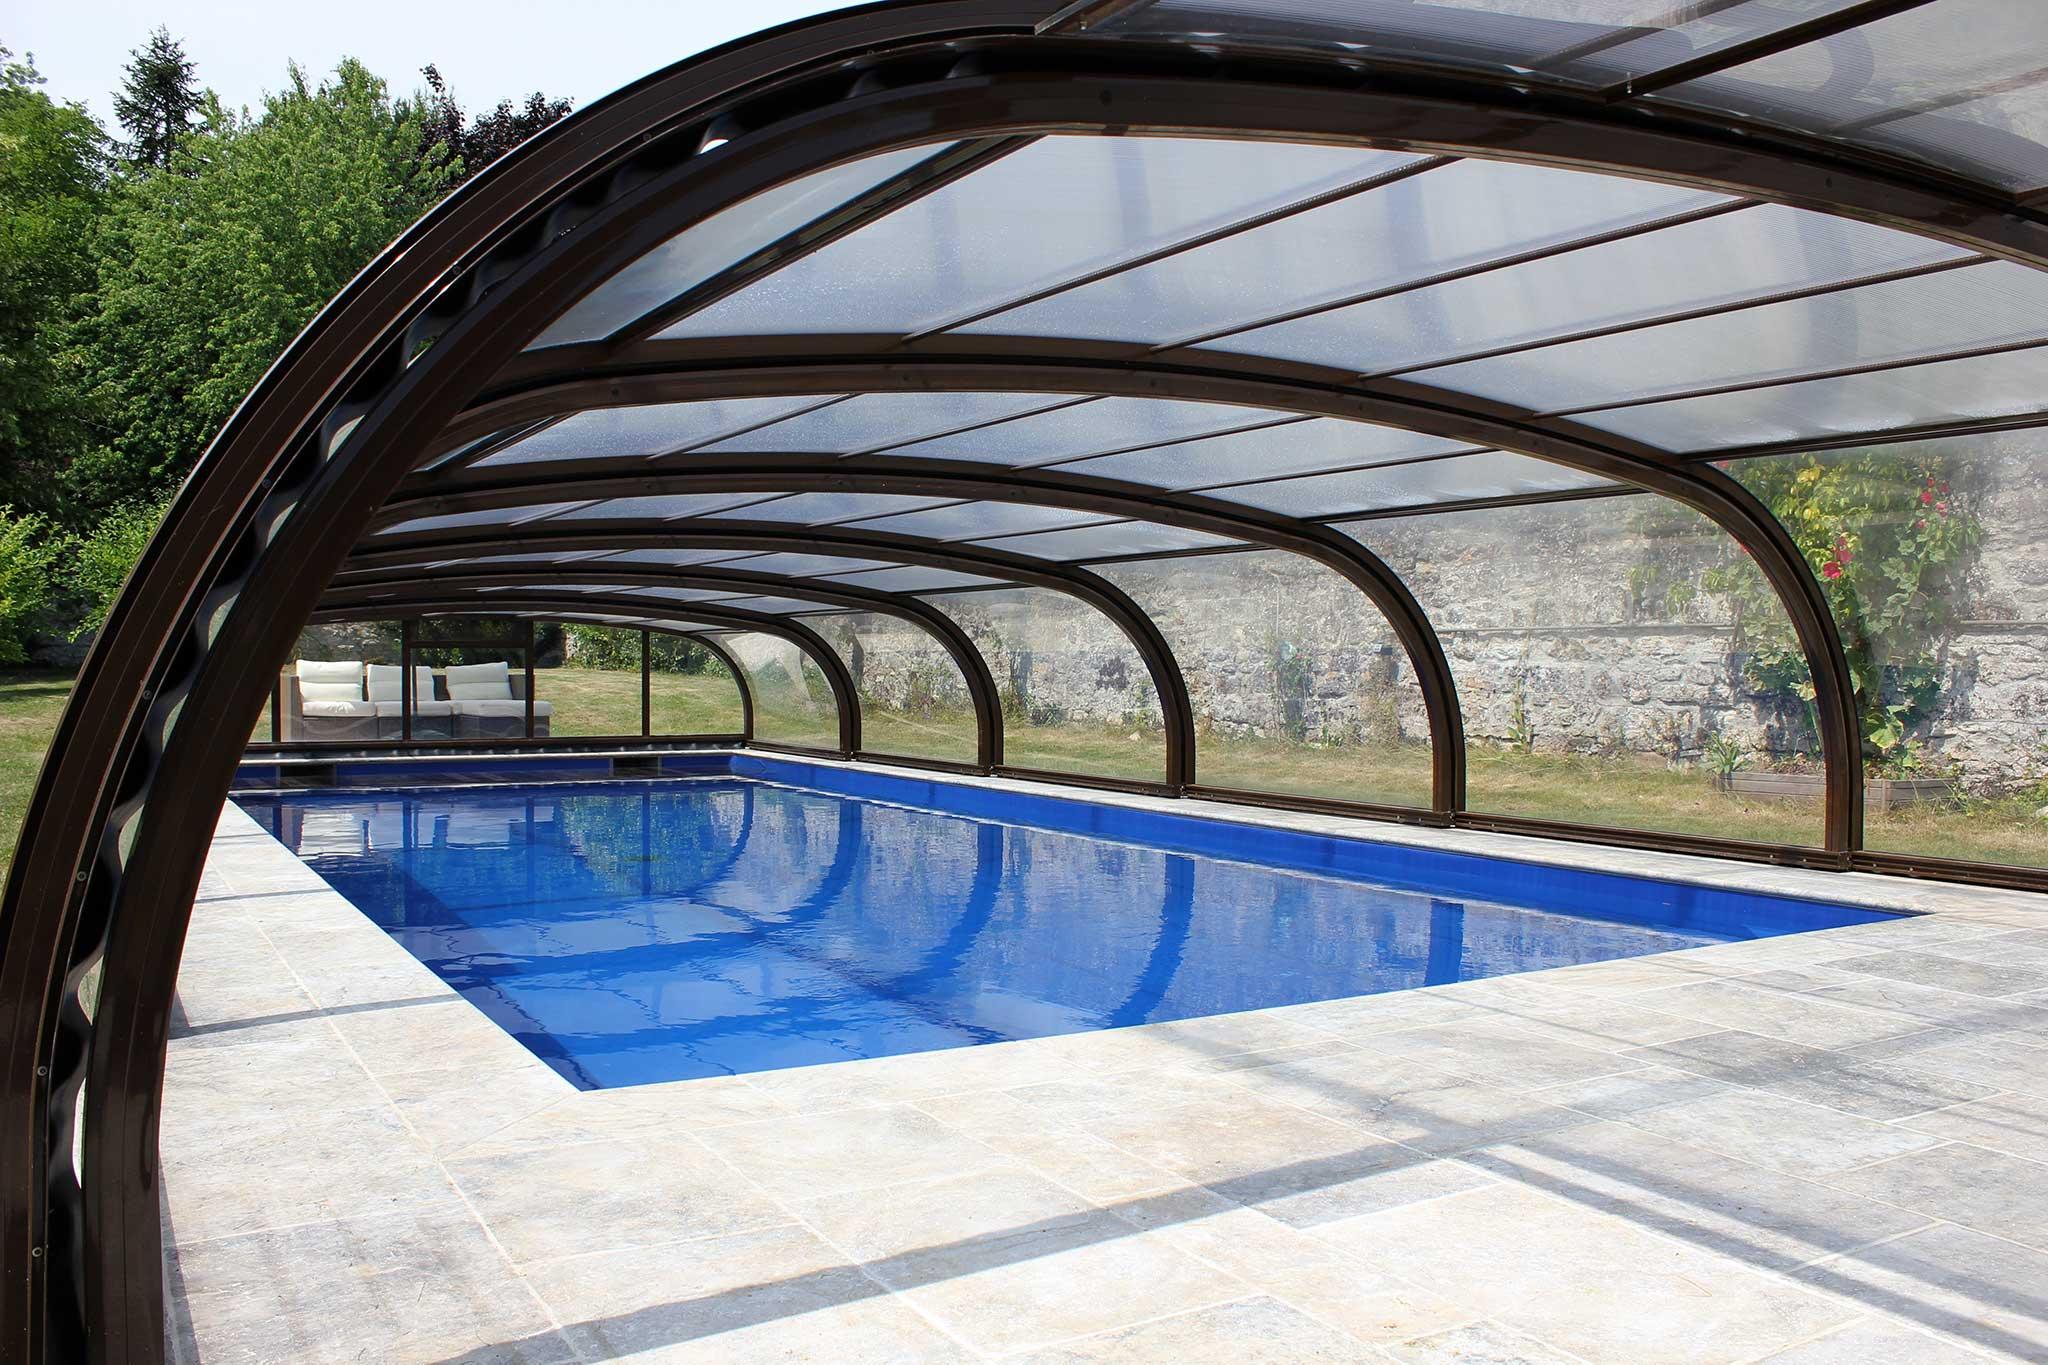 Constructeur De Piscine Paris hénocque piscines - constructeur de piscines